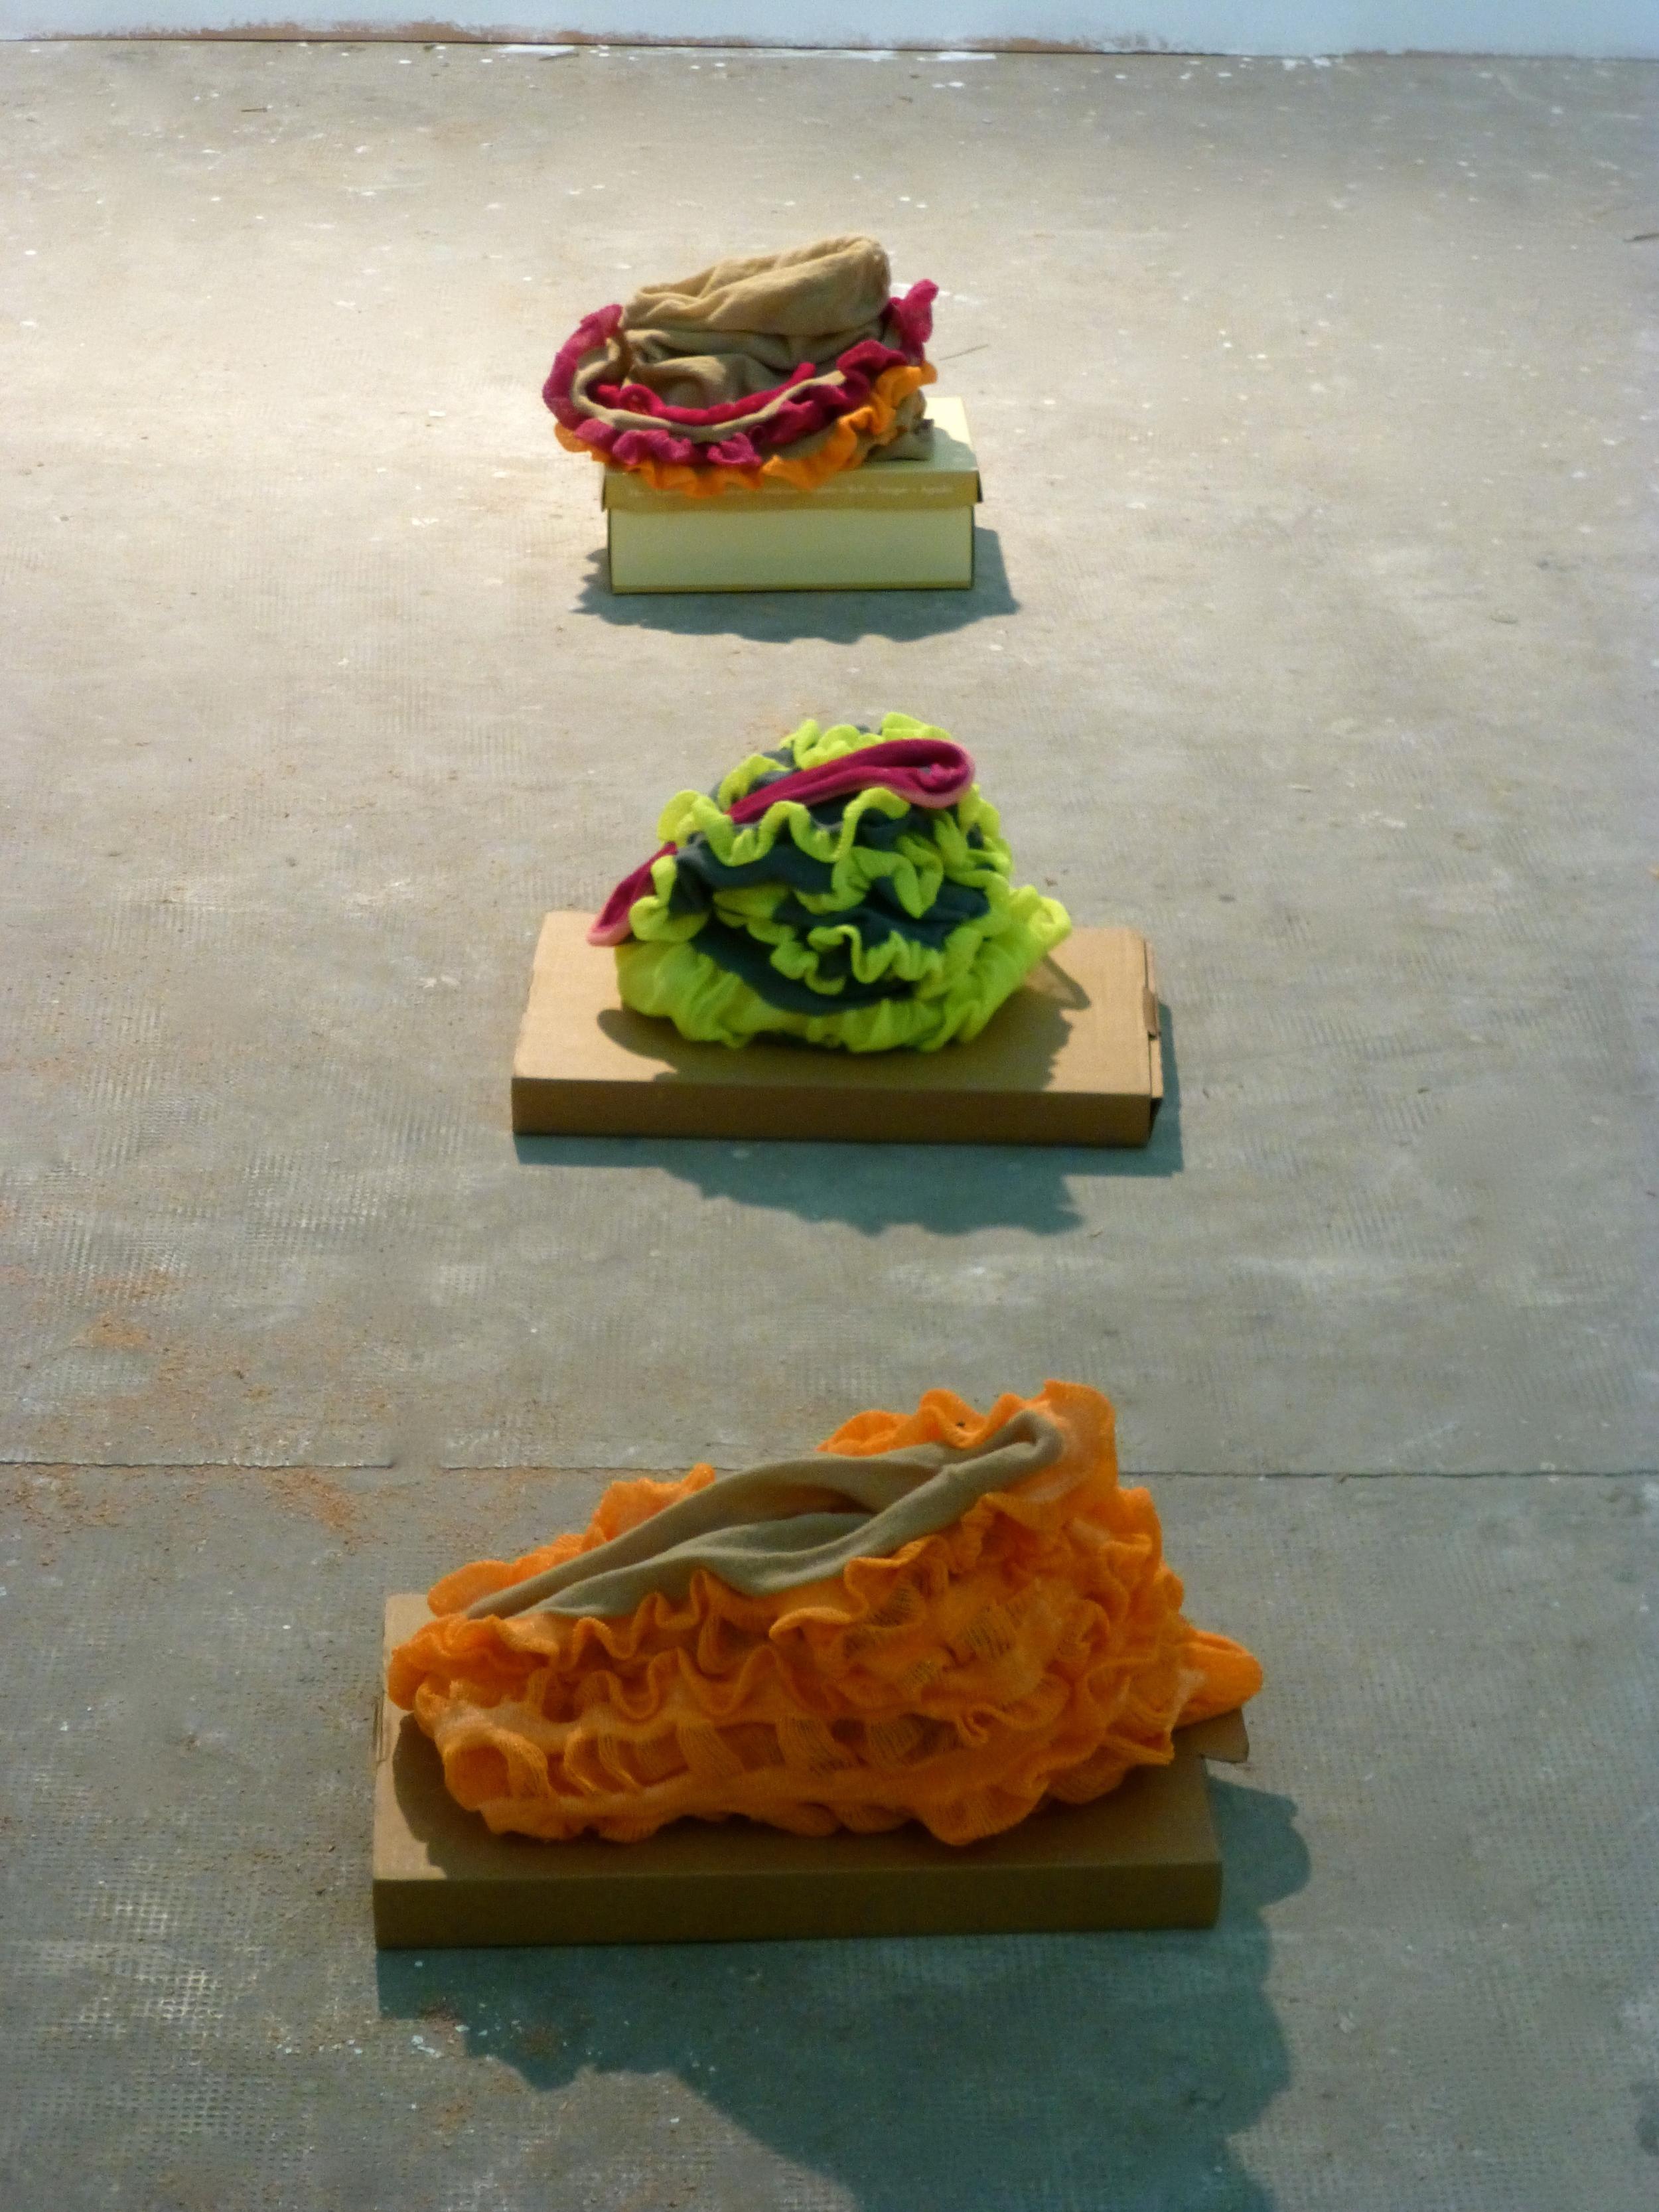 Exhibition view,casablanca biennale